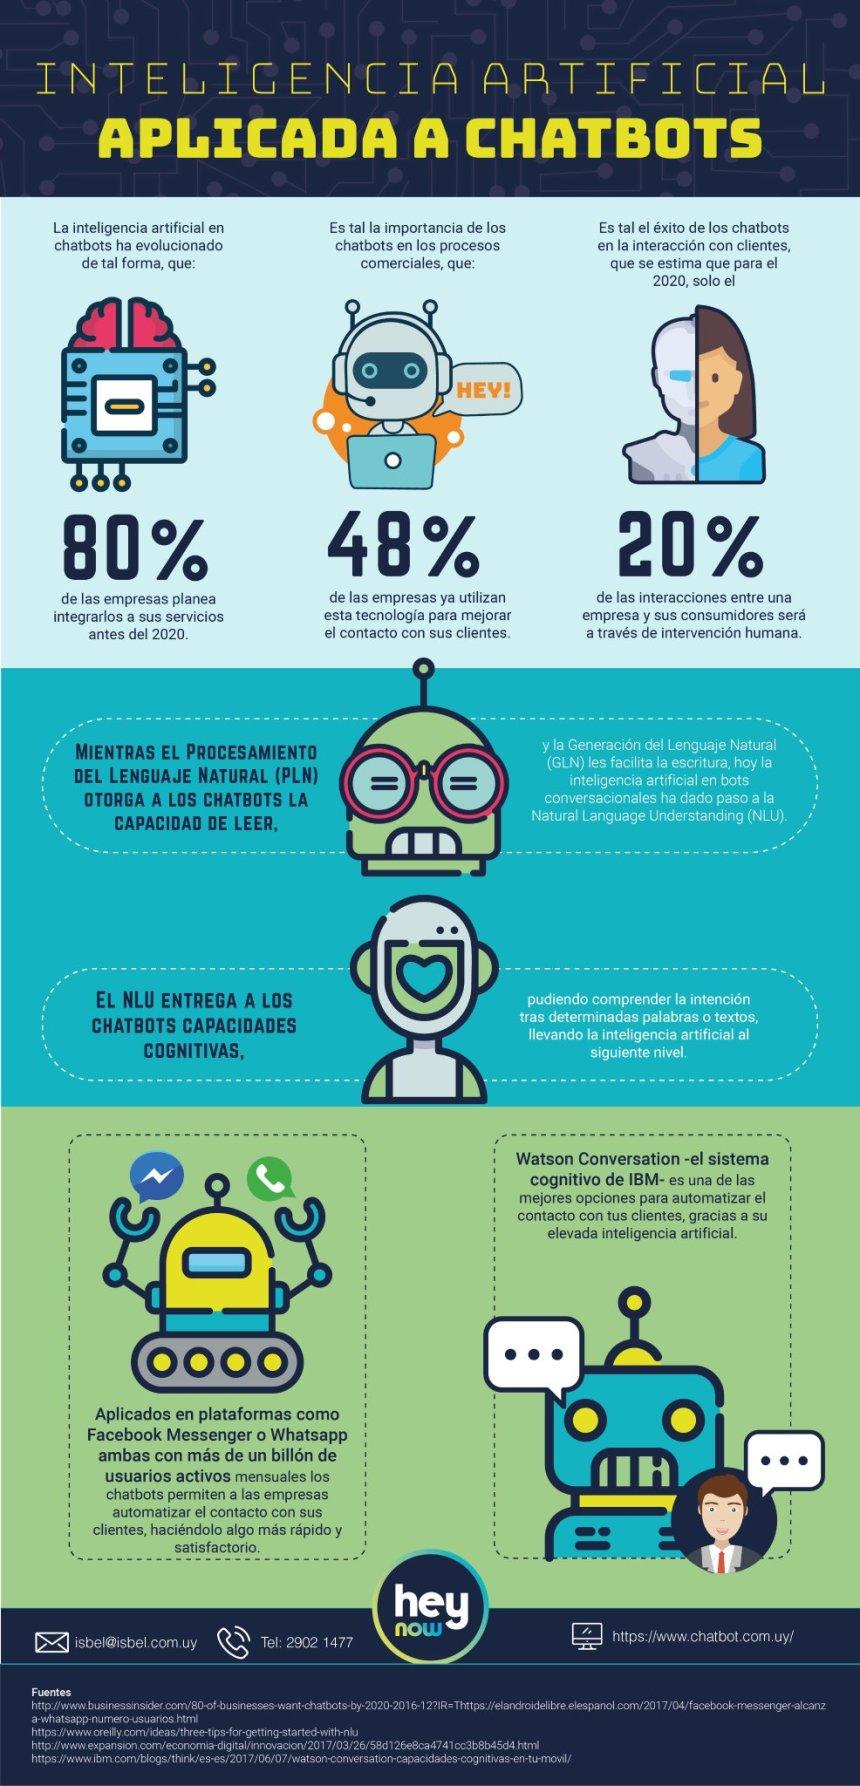 Inteligencia Artificial aplicado a chatbots